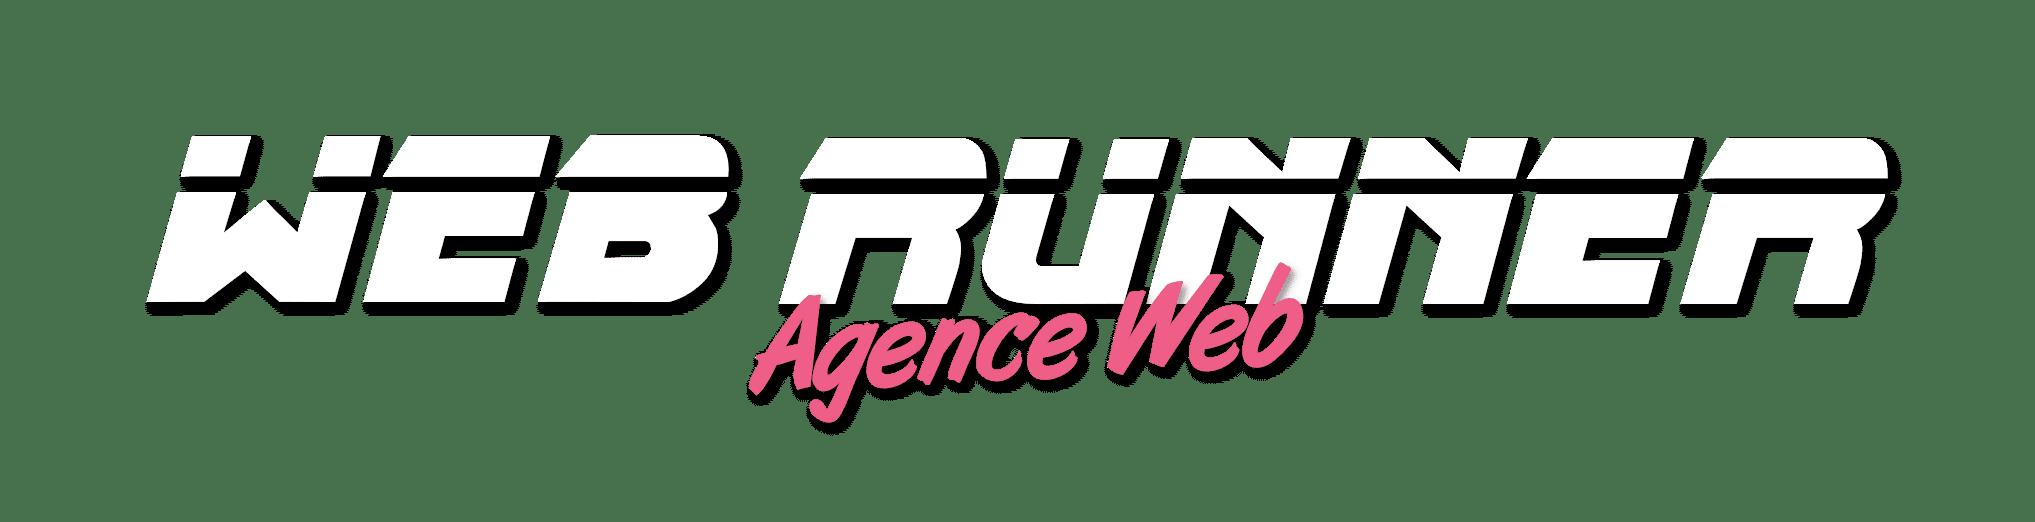 Agence Web Runner